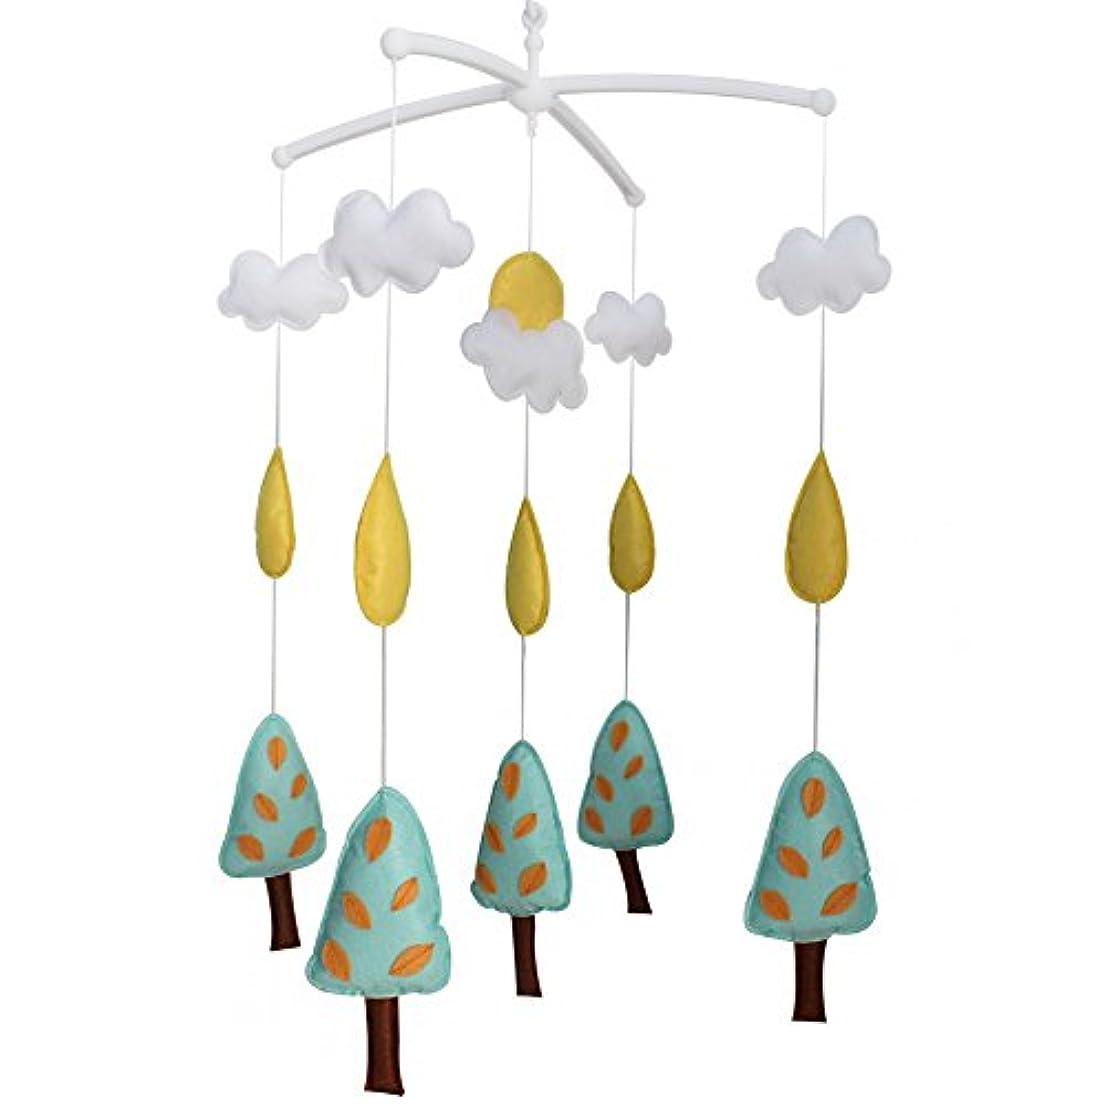 設計ラインナップインドベルミュージカル赤ちゃんのおもちゃ、G01をぶら下げかわいいベビーベッドの装飾